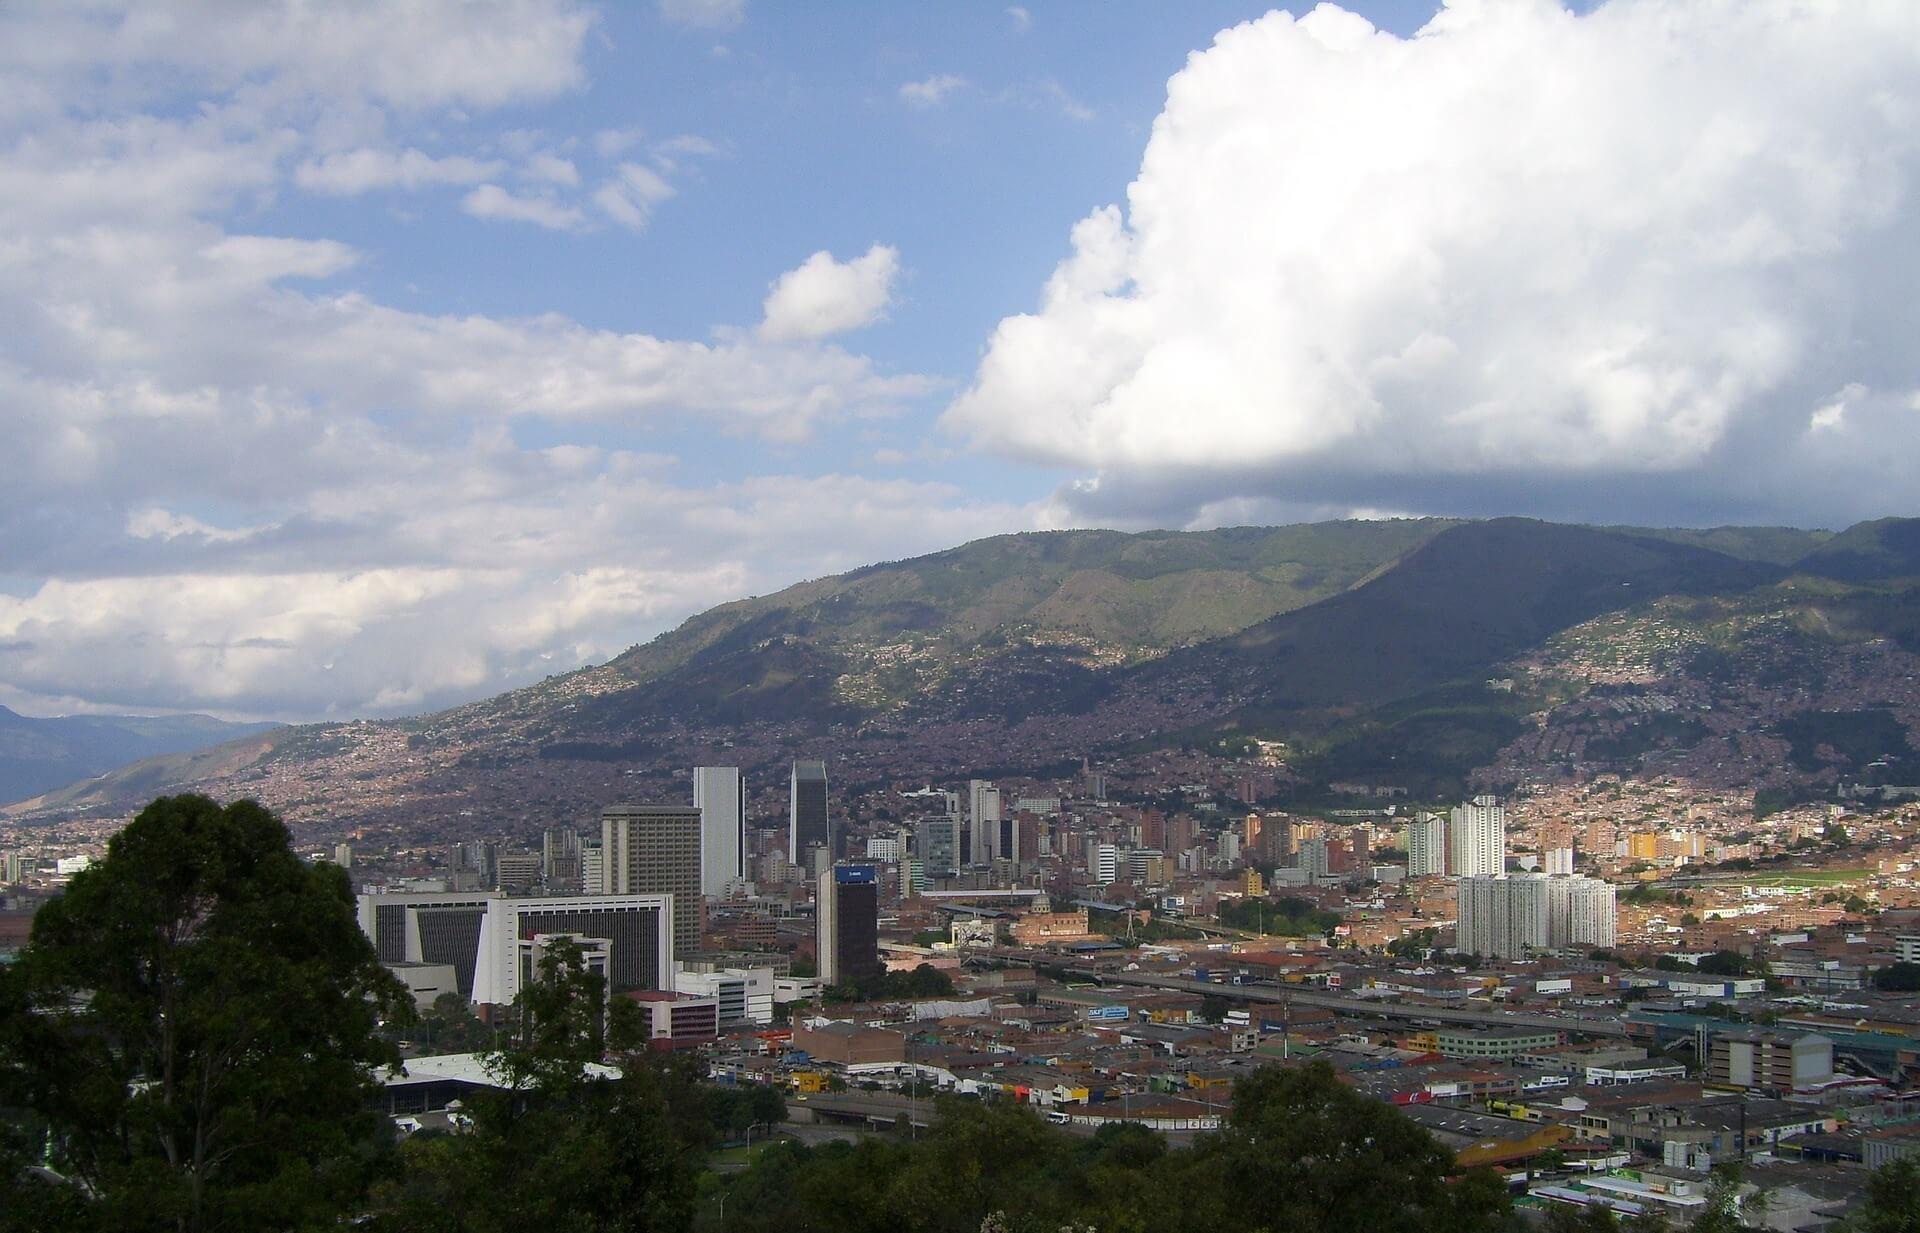 Tienes que estudiar ingles en Medellin, estas son las razones